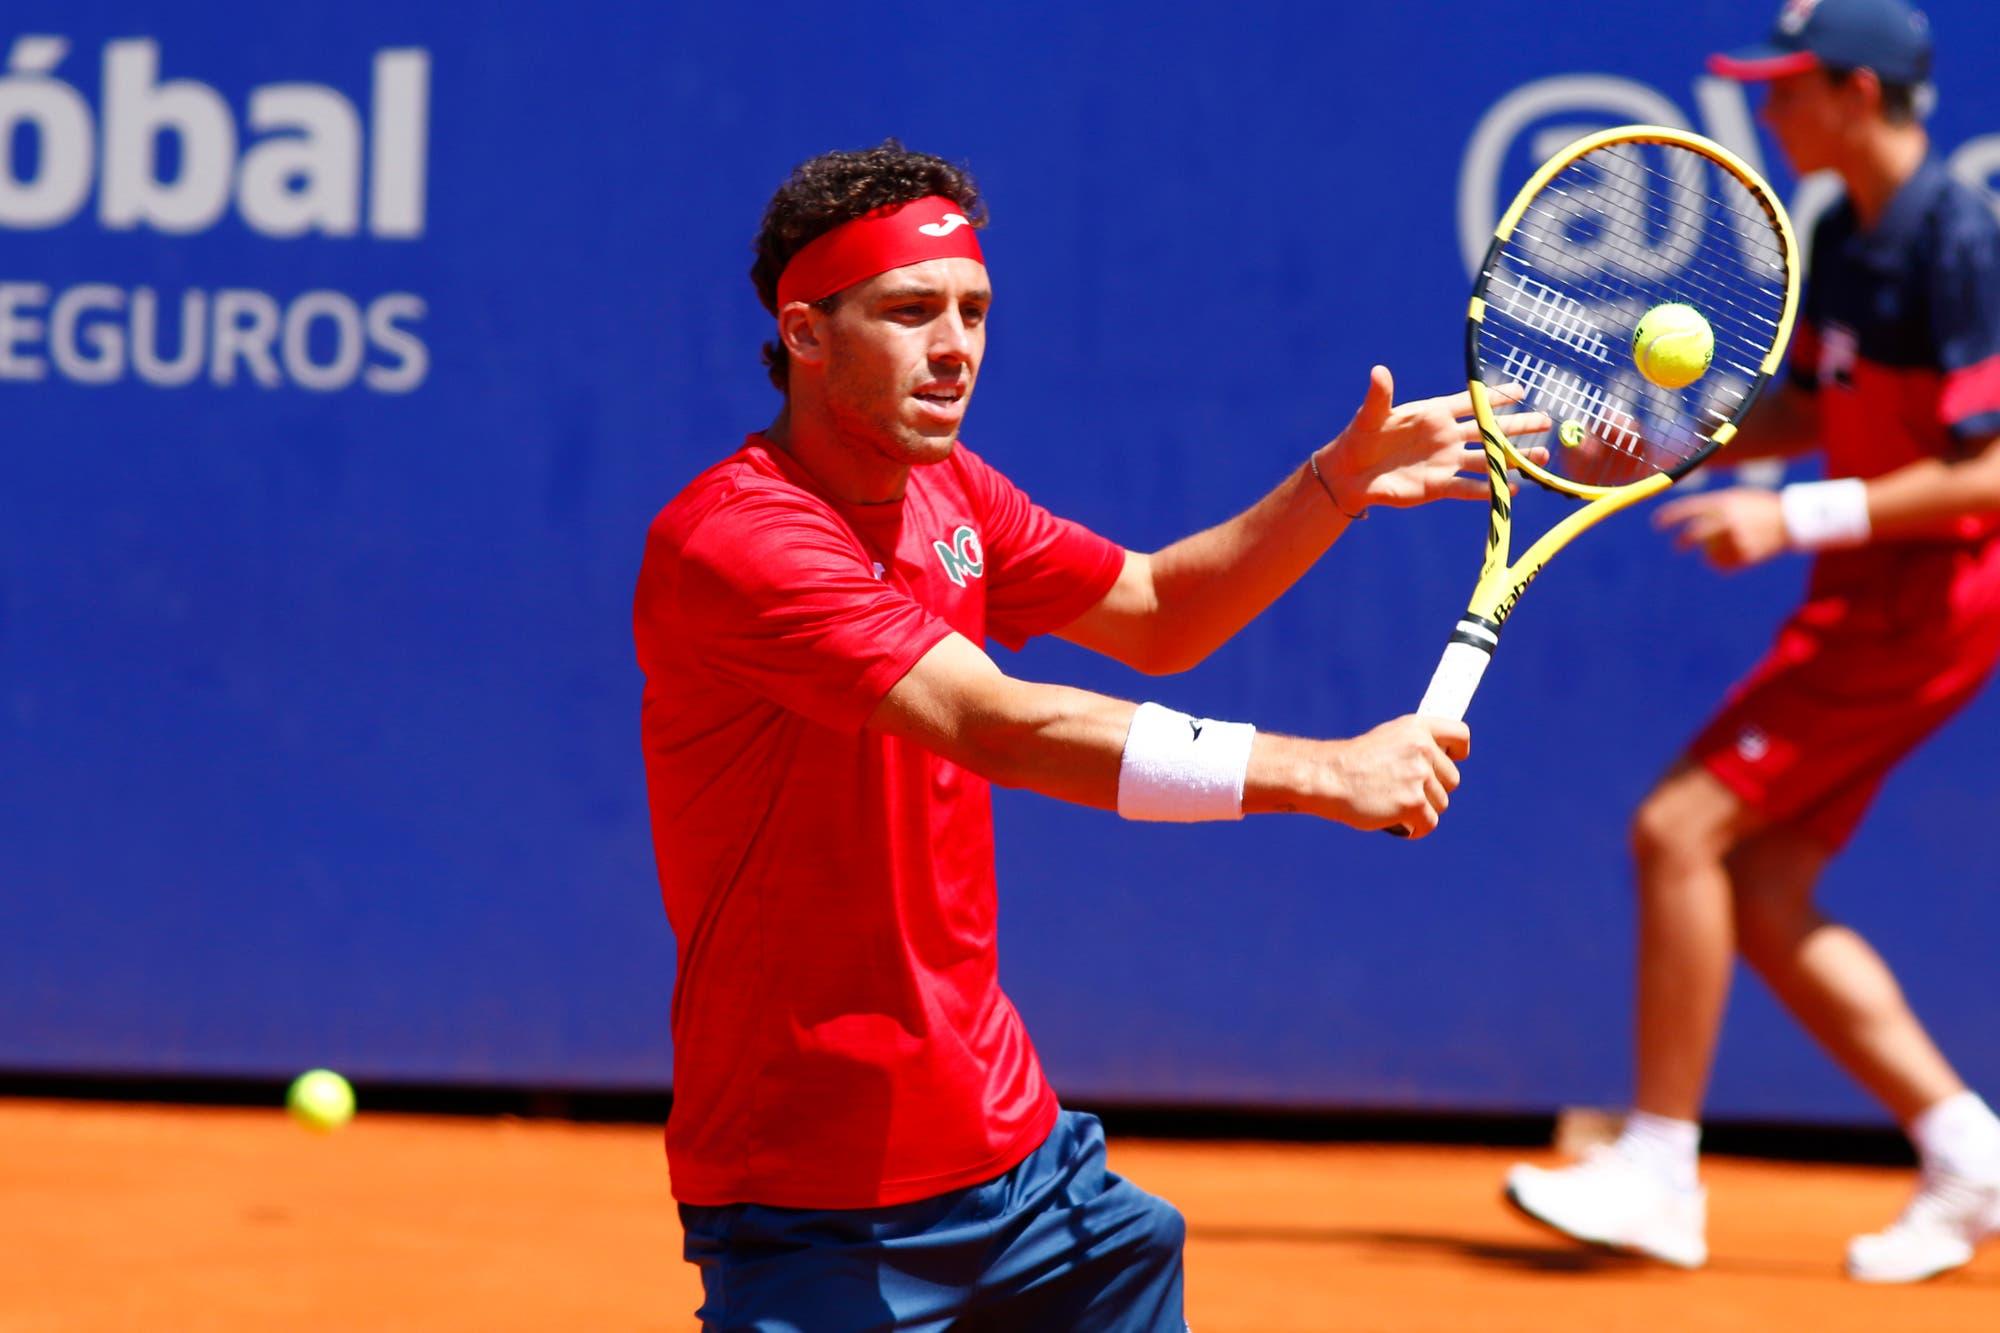 Argentina Open: Marco Cecchinato, el campeón defensor, se despidió rápido y saldrá del Top 100